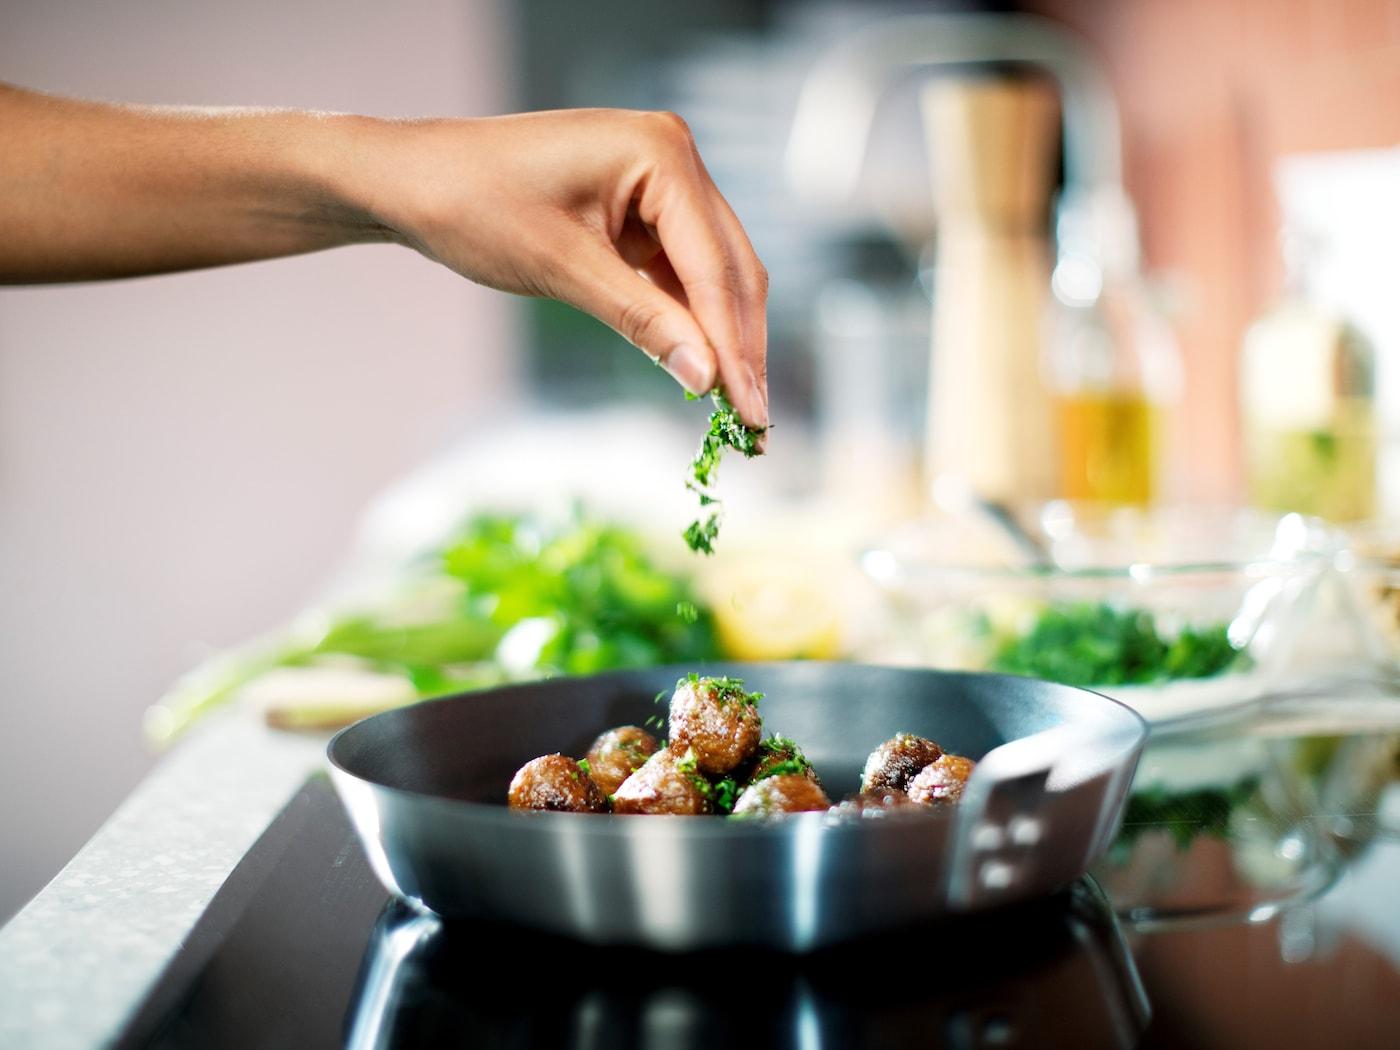 Roka, ki začinja HUVUDROLL rastlinske kroglice v ponvi IKEA 365+.